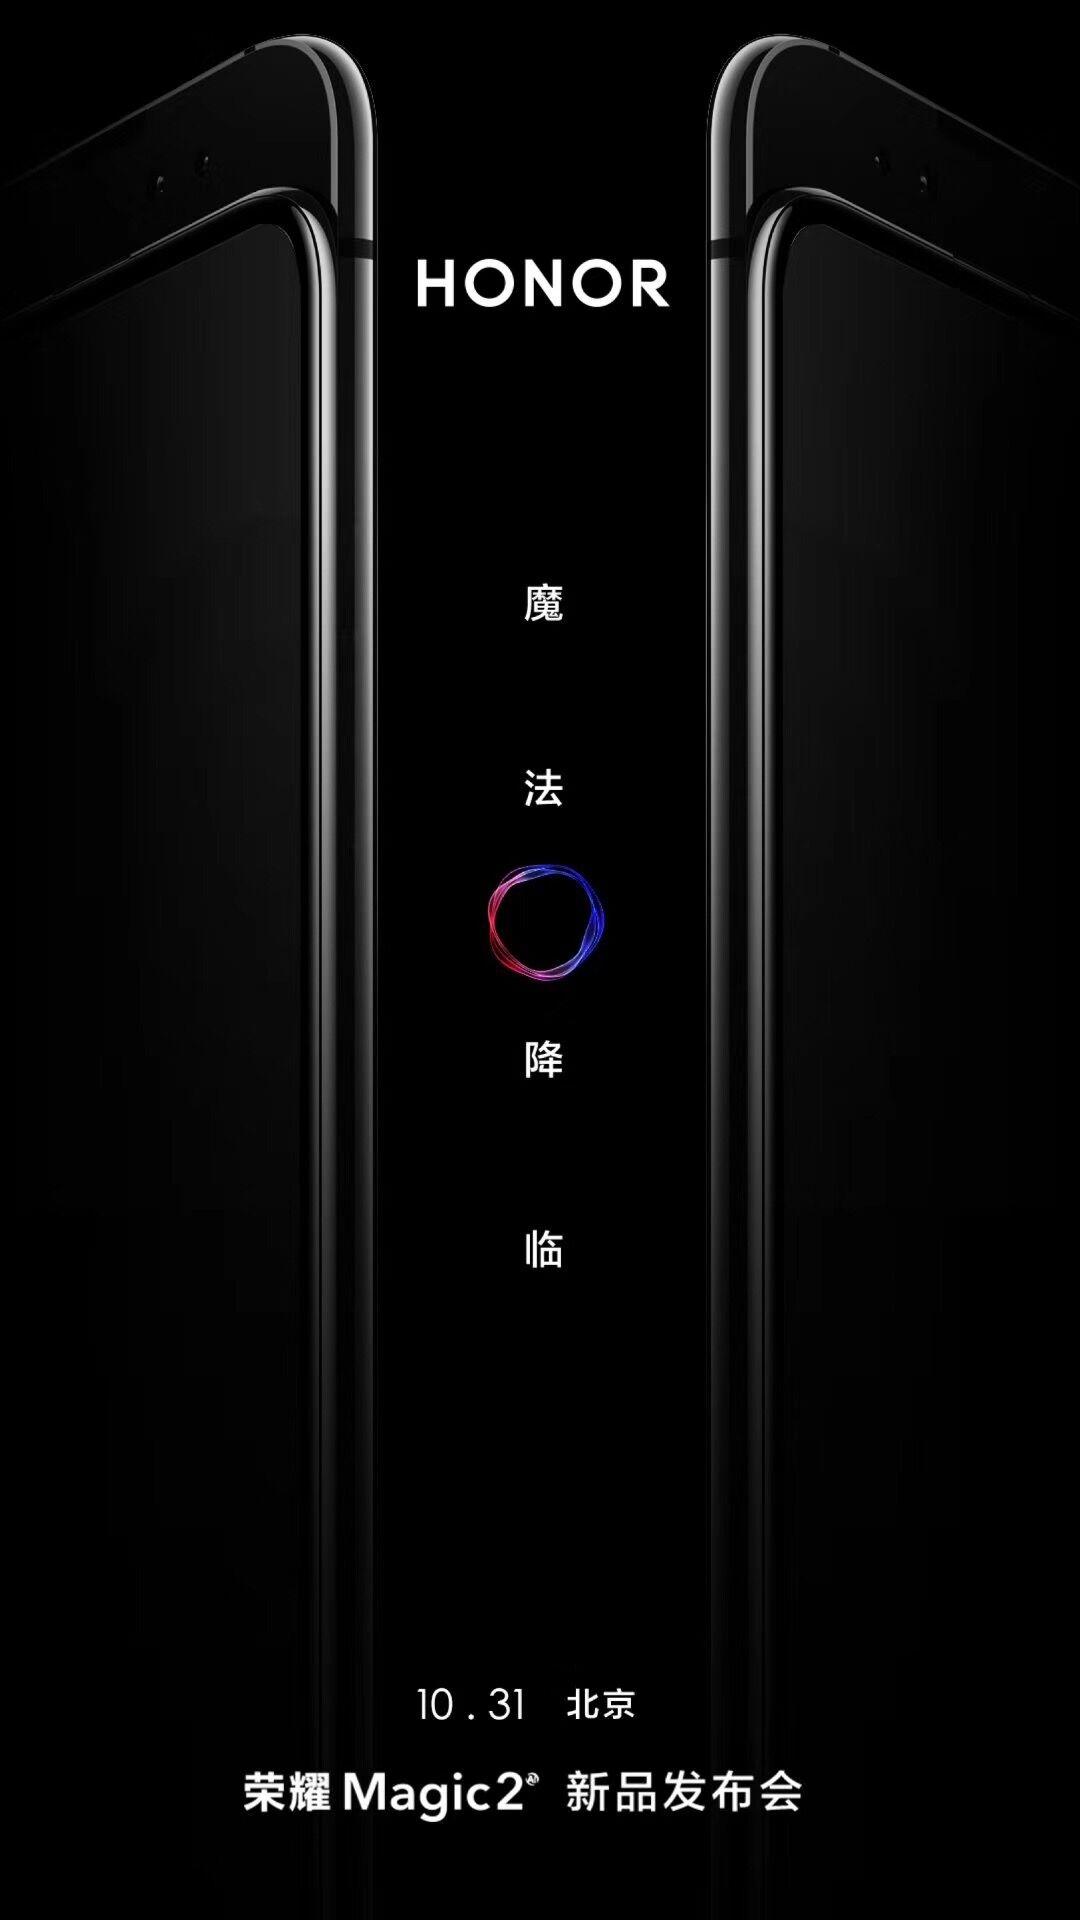 荣耀Magic 2上手视频放出,新亮点揭晓,期待!